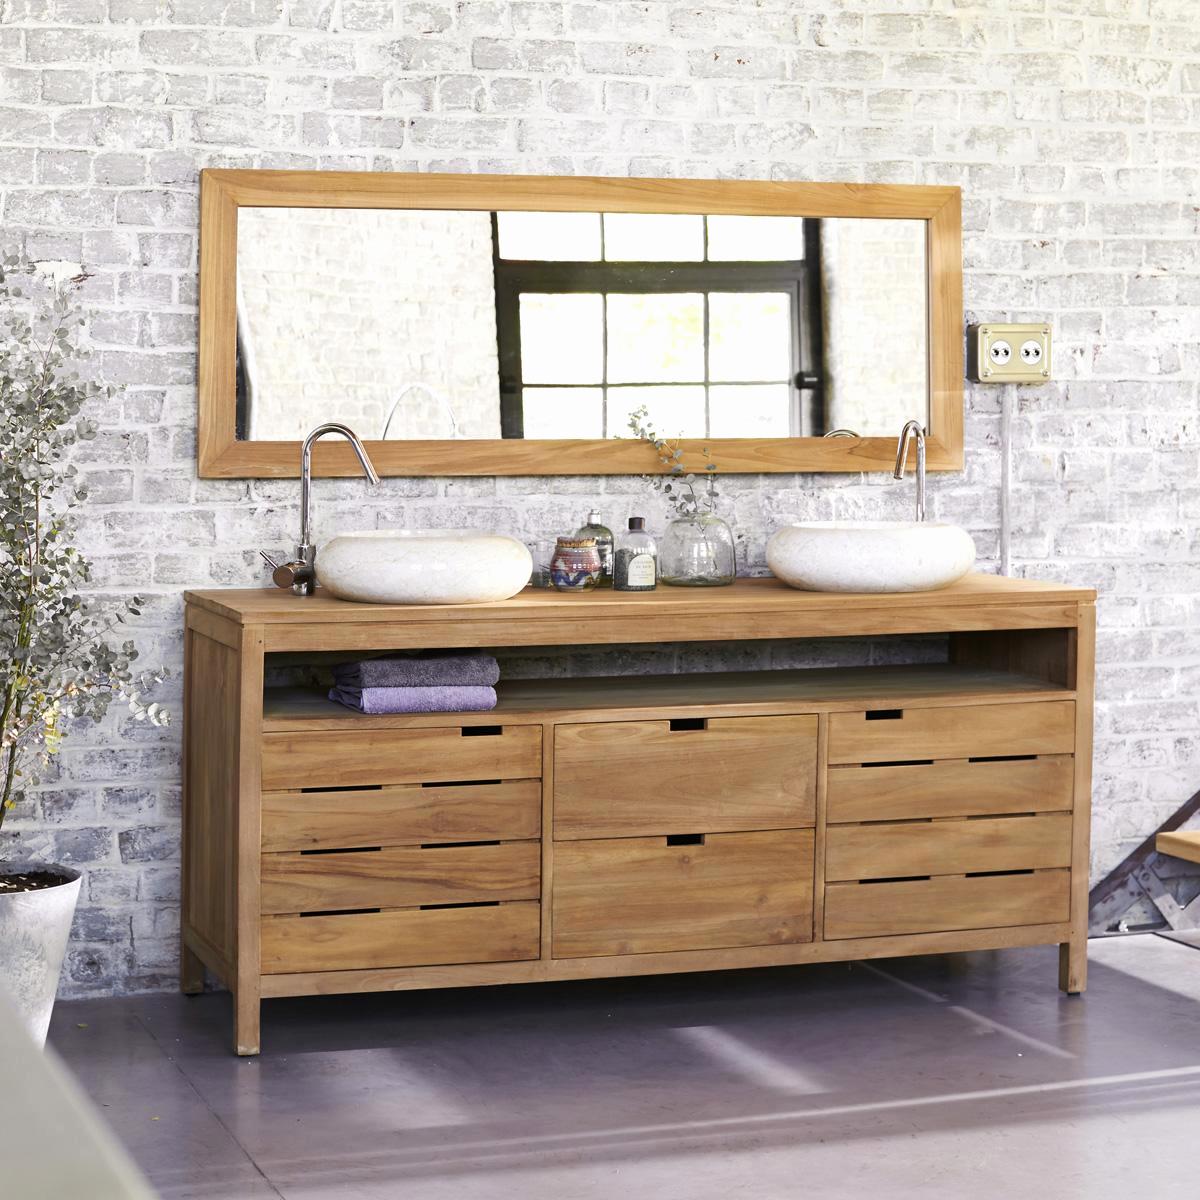 Meuble Salle De Bain Godmorgon Élégant Collection Idee Salle De Bain Ikea Beau Meuble Salle De Bain Concept De